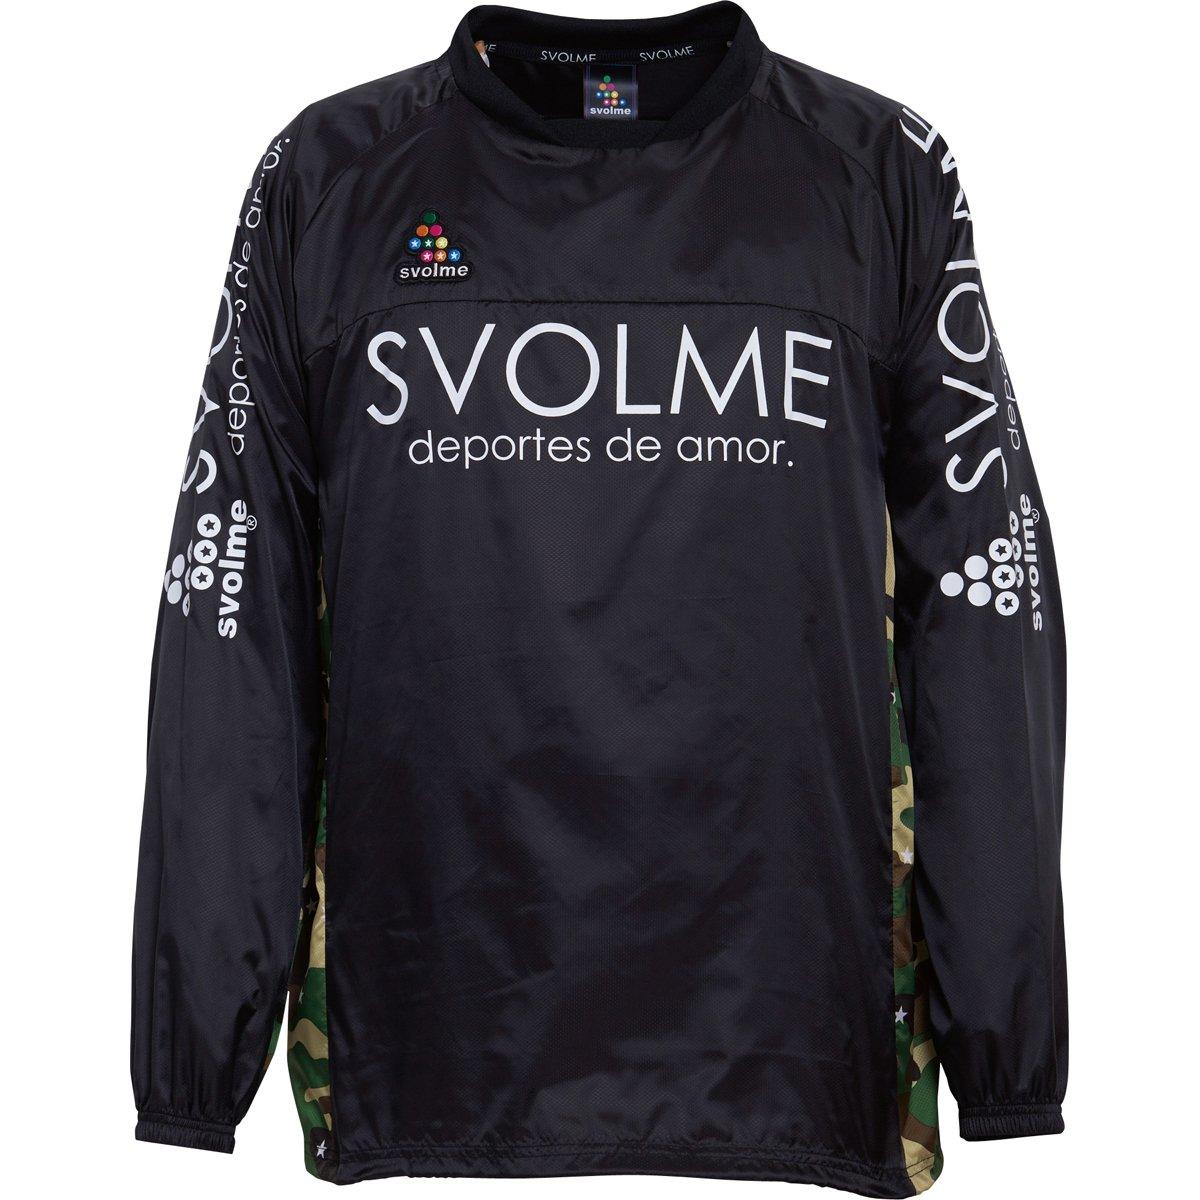 SVOLME(スボルメ) ジュニア タフタピステ上下セットJ 173-45609 B074Y7Q2S2 130|ブラック ブラック 130